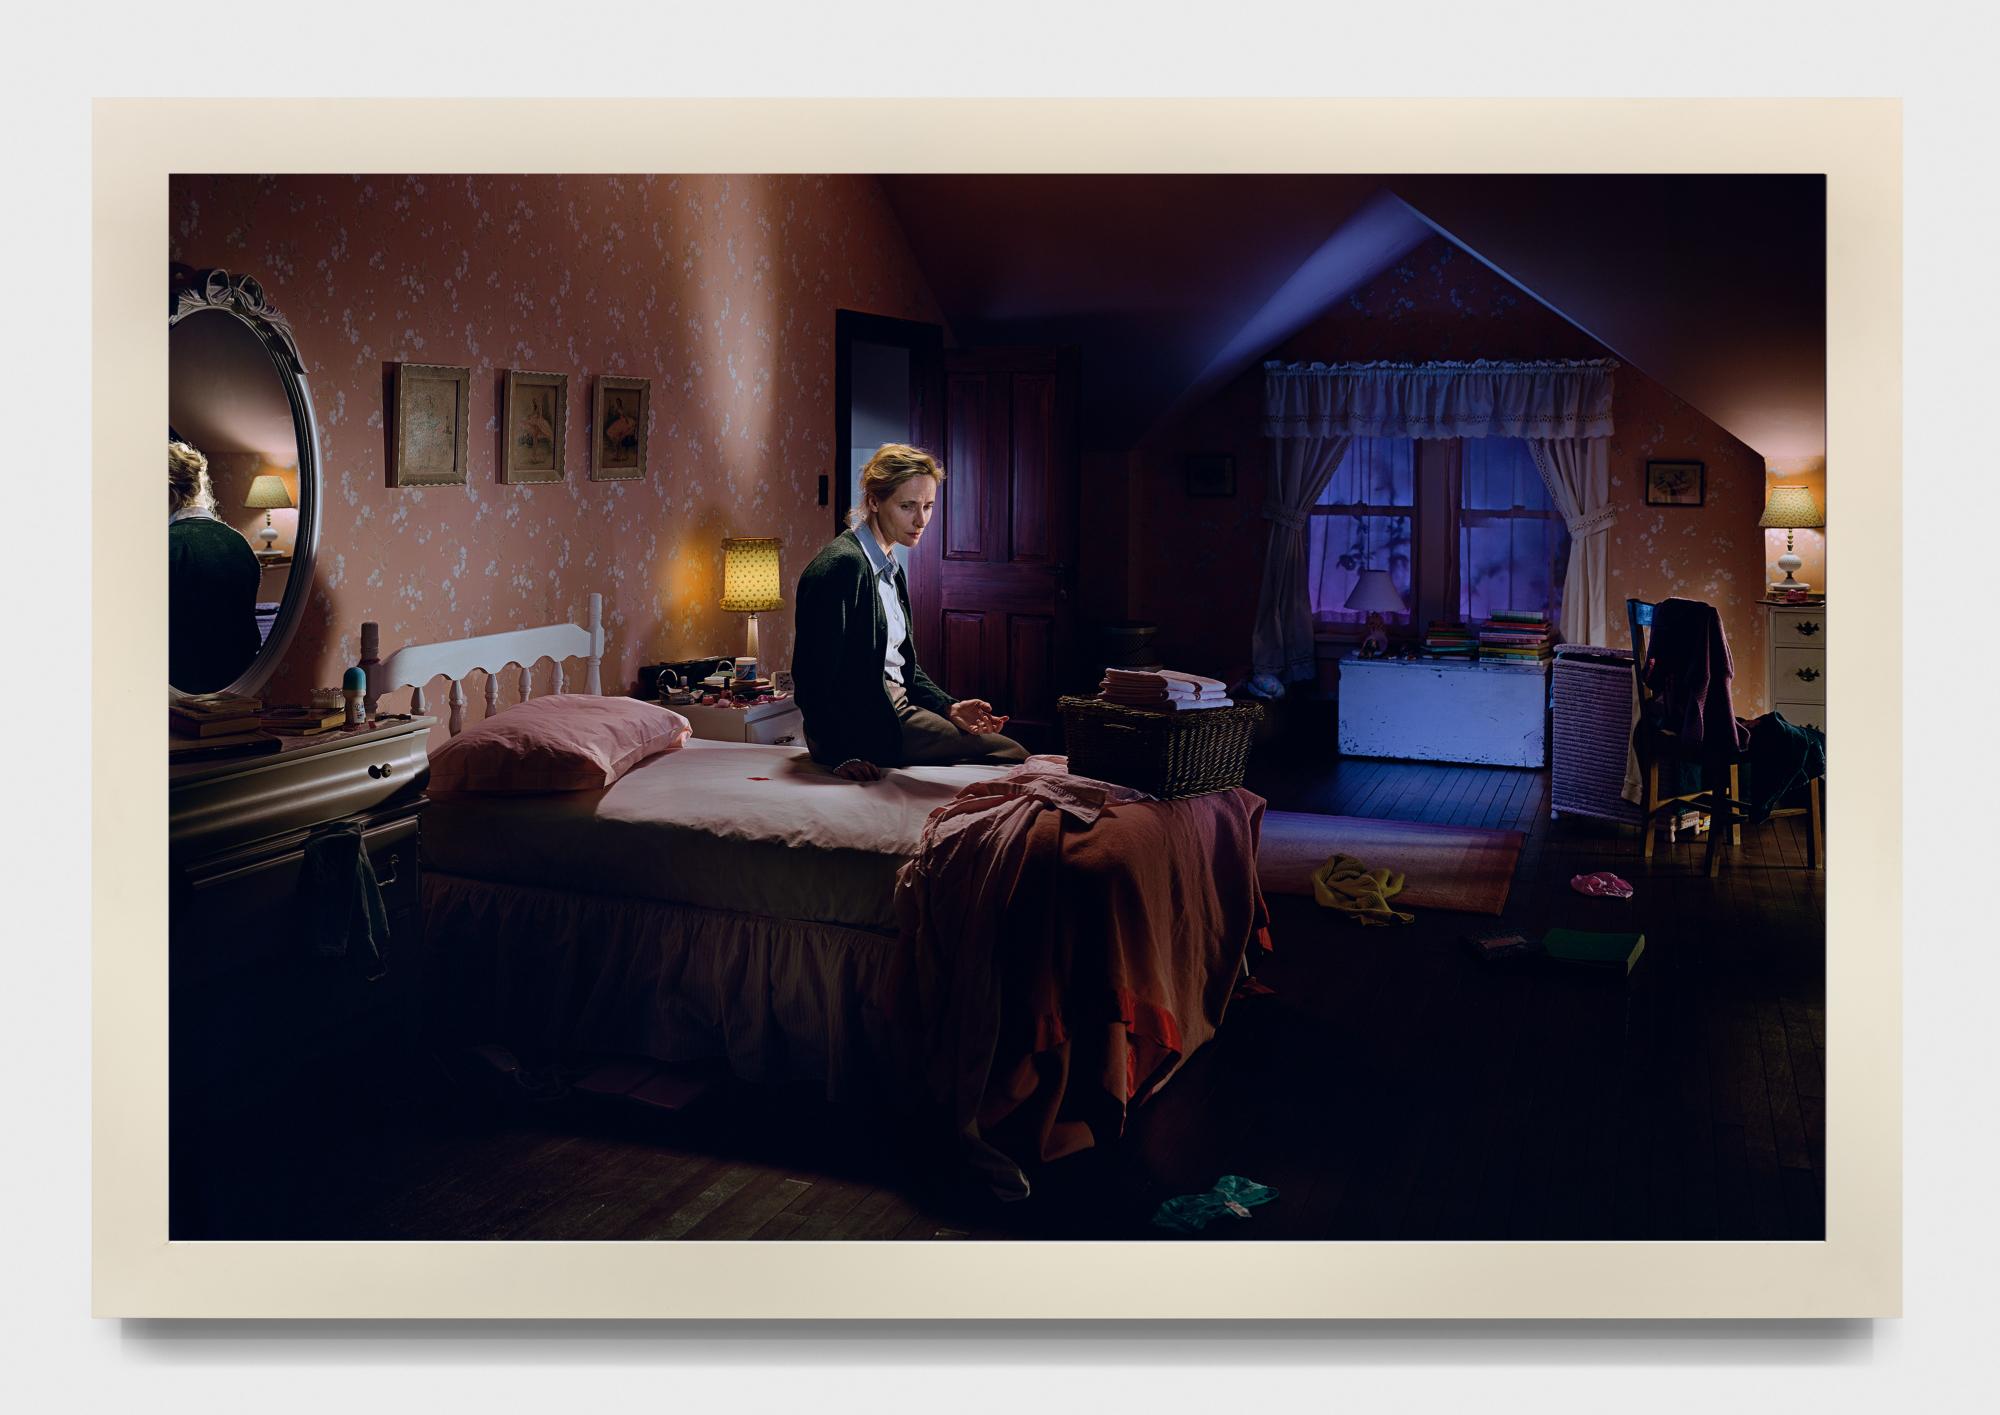 Untitled. Mother on bed with blood de Gregory Crewdson est une image unique parfaitement mise en scène.